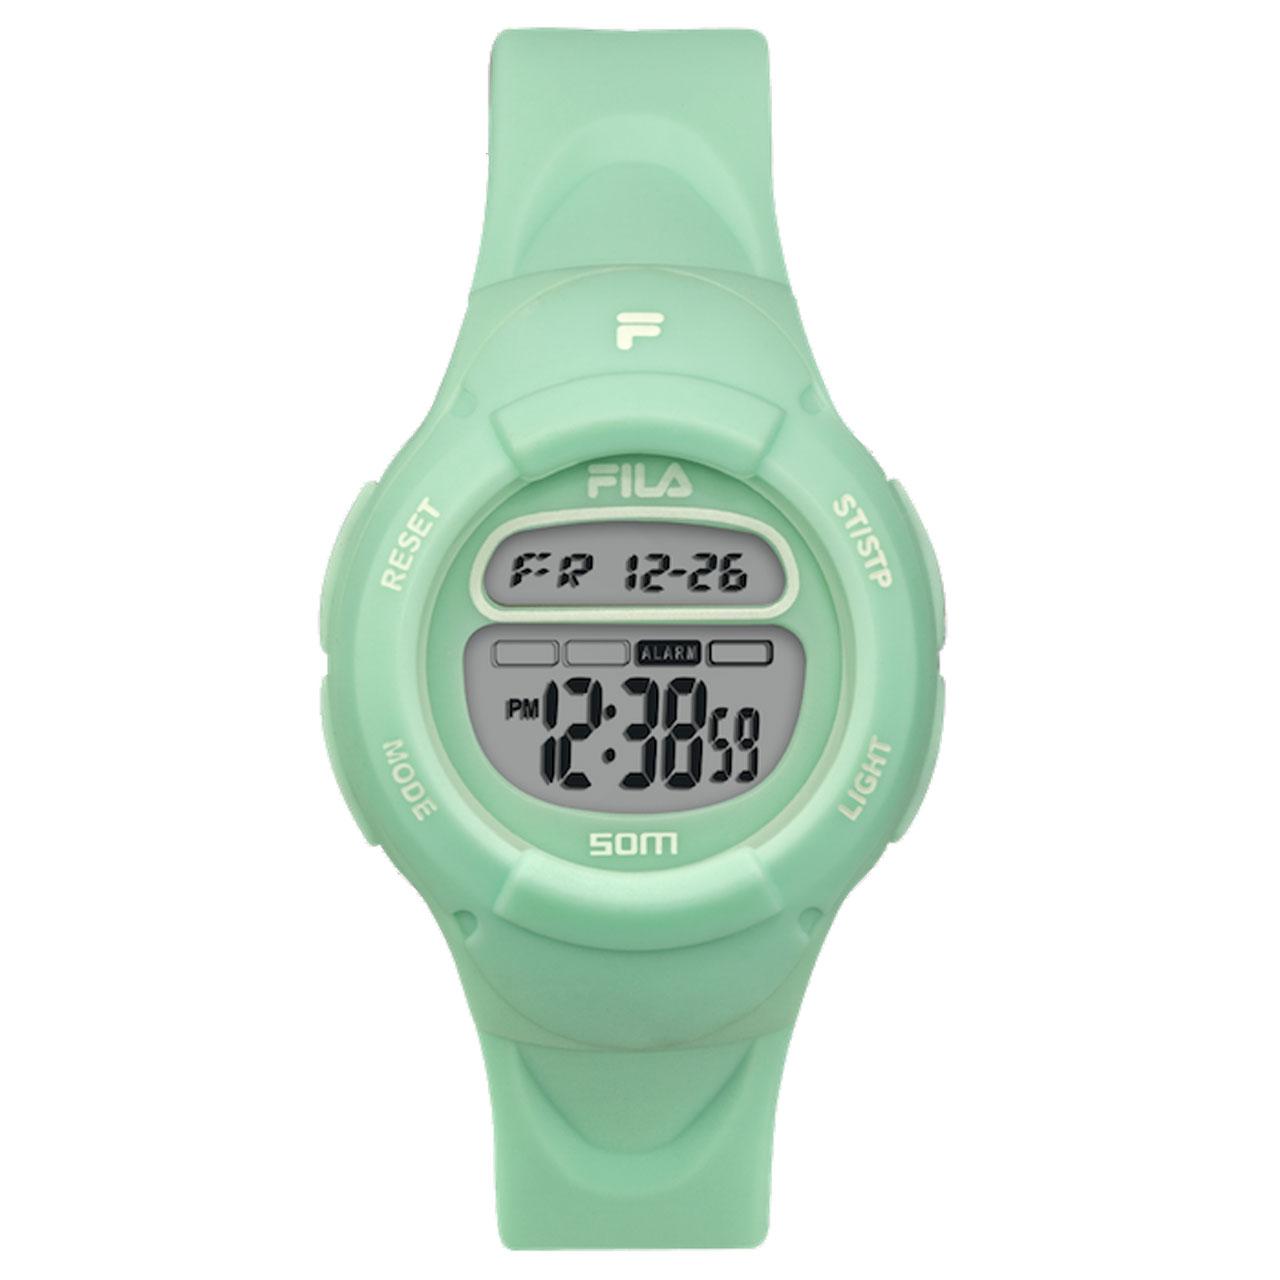 ساعت مچی دیجیتال زنانه فیلا مدل 38-213-007 16